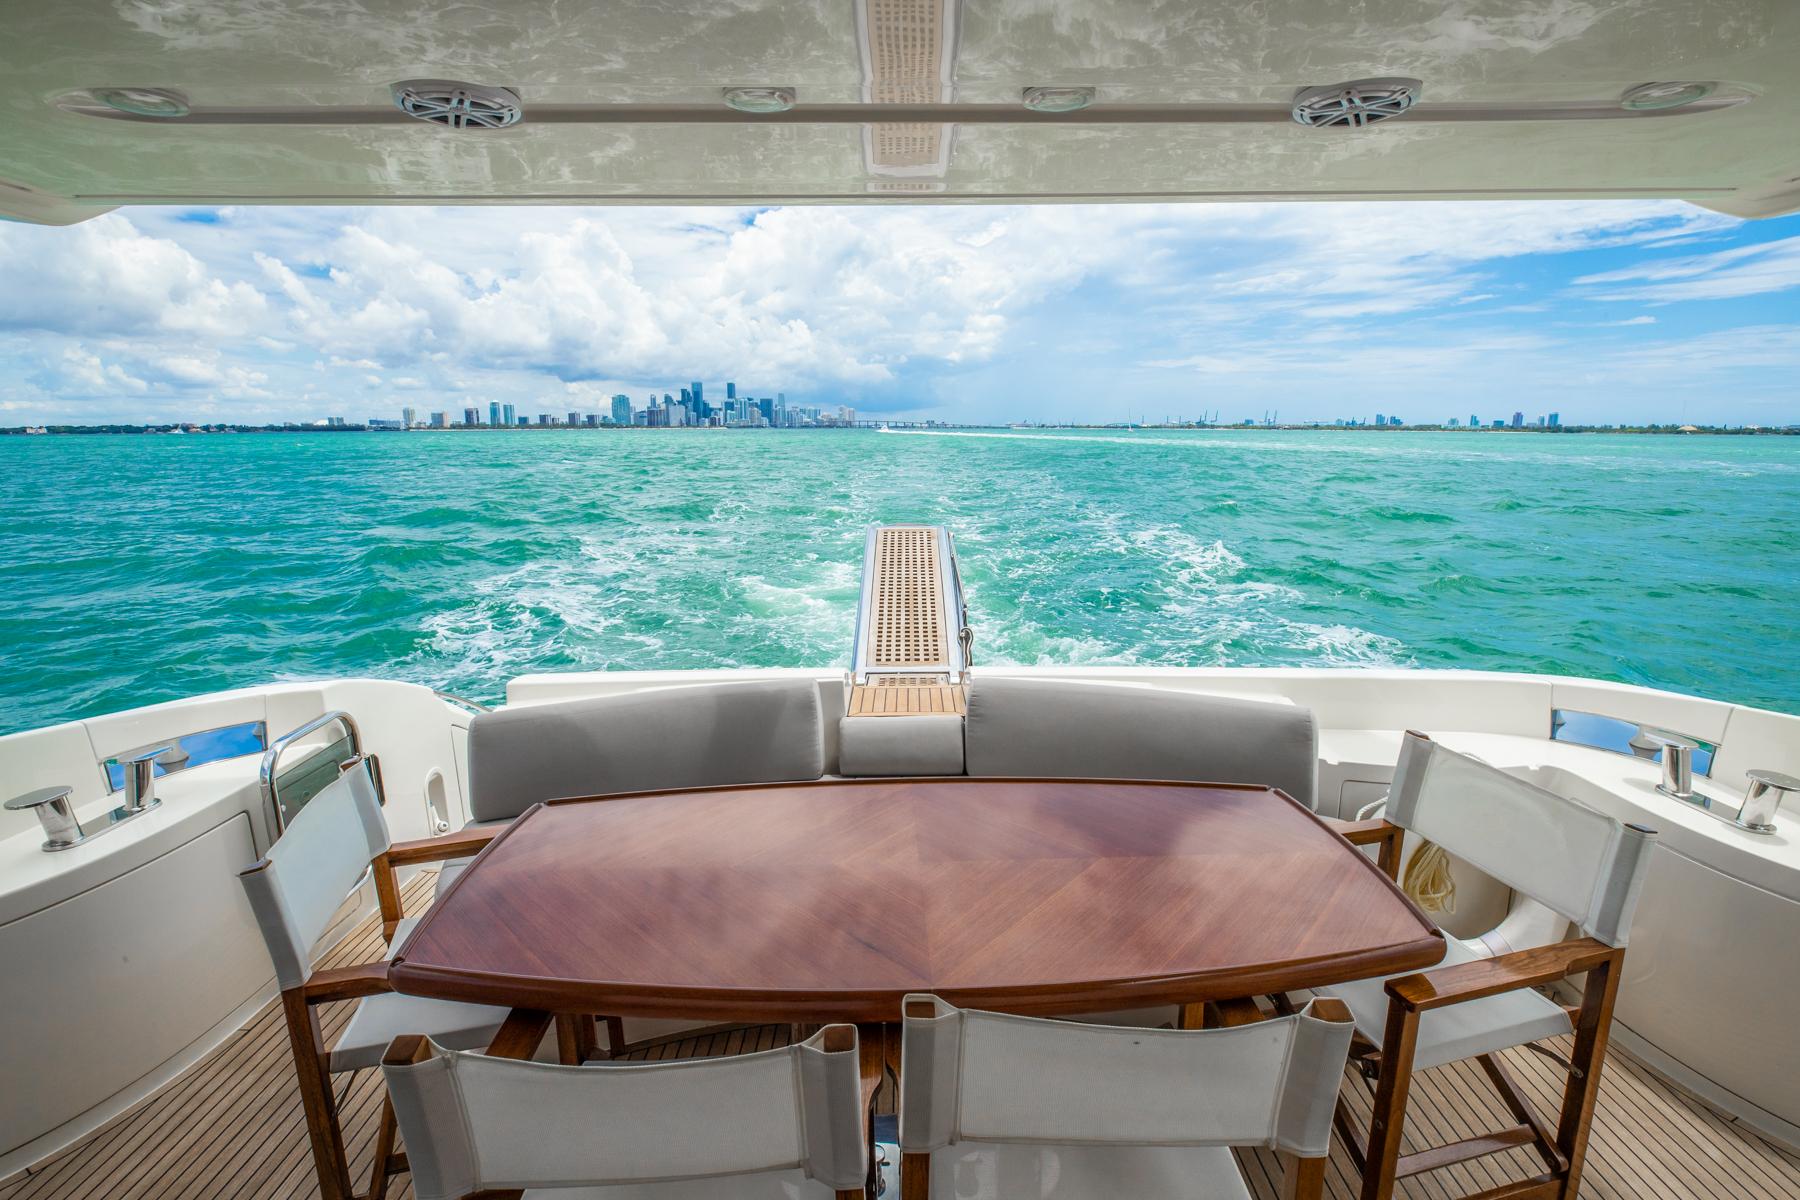 62 azimut Luxury Yacht Charters Florida 1